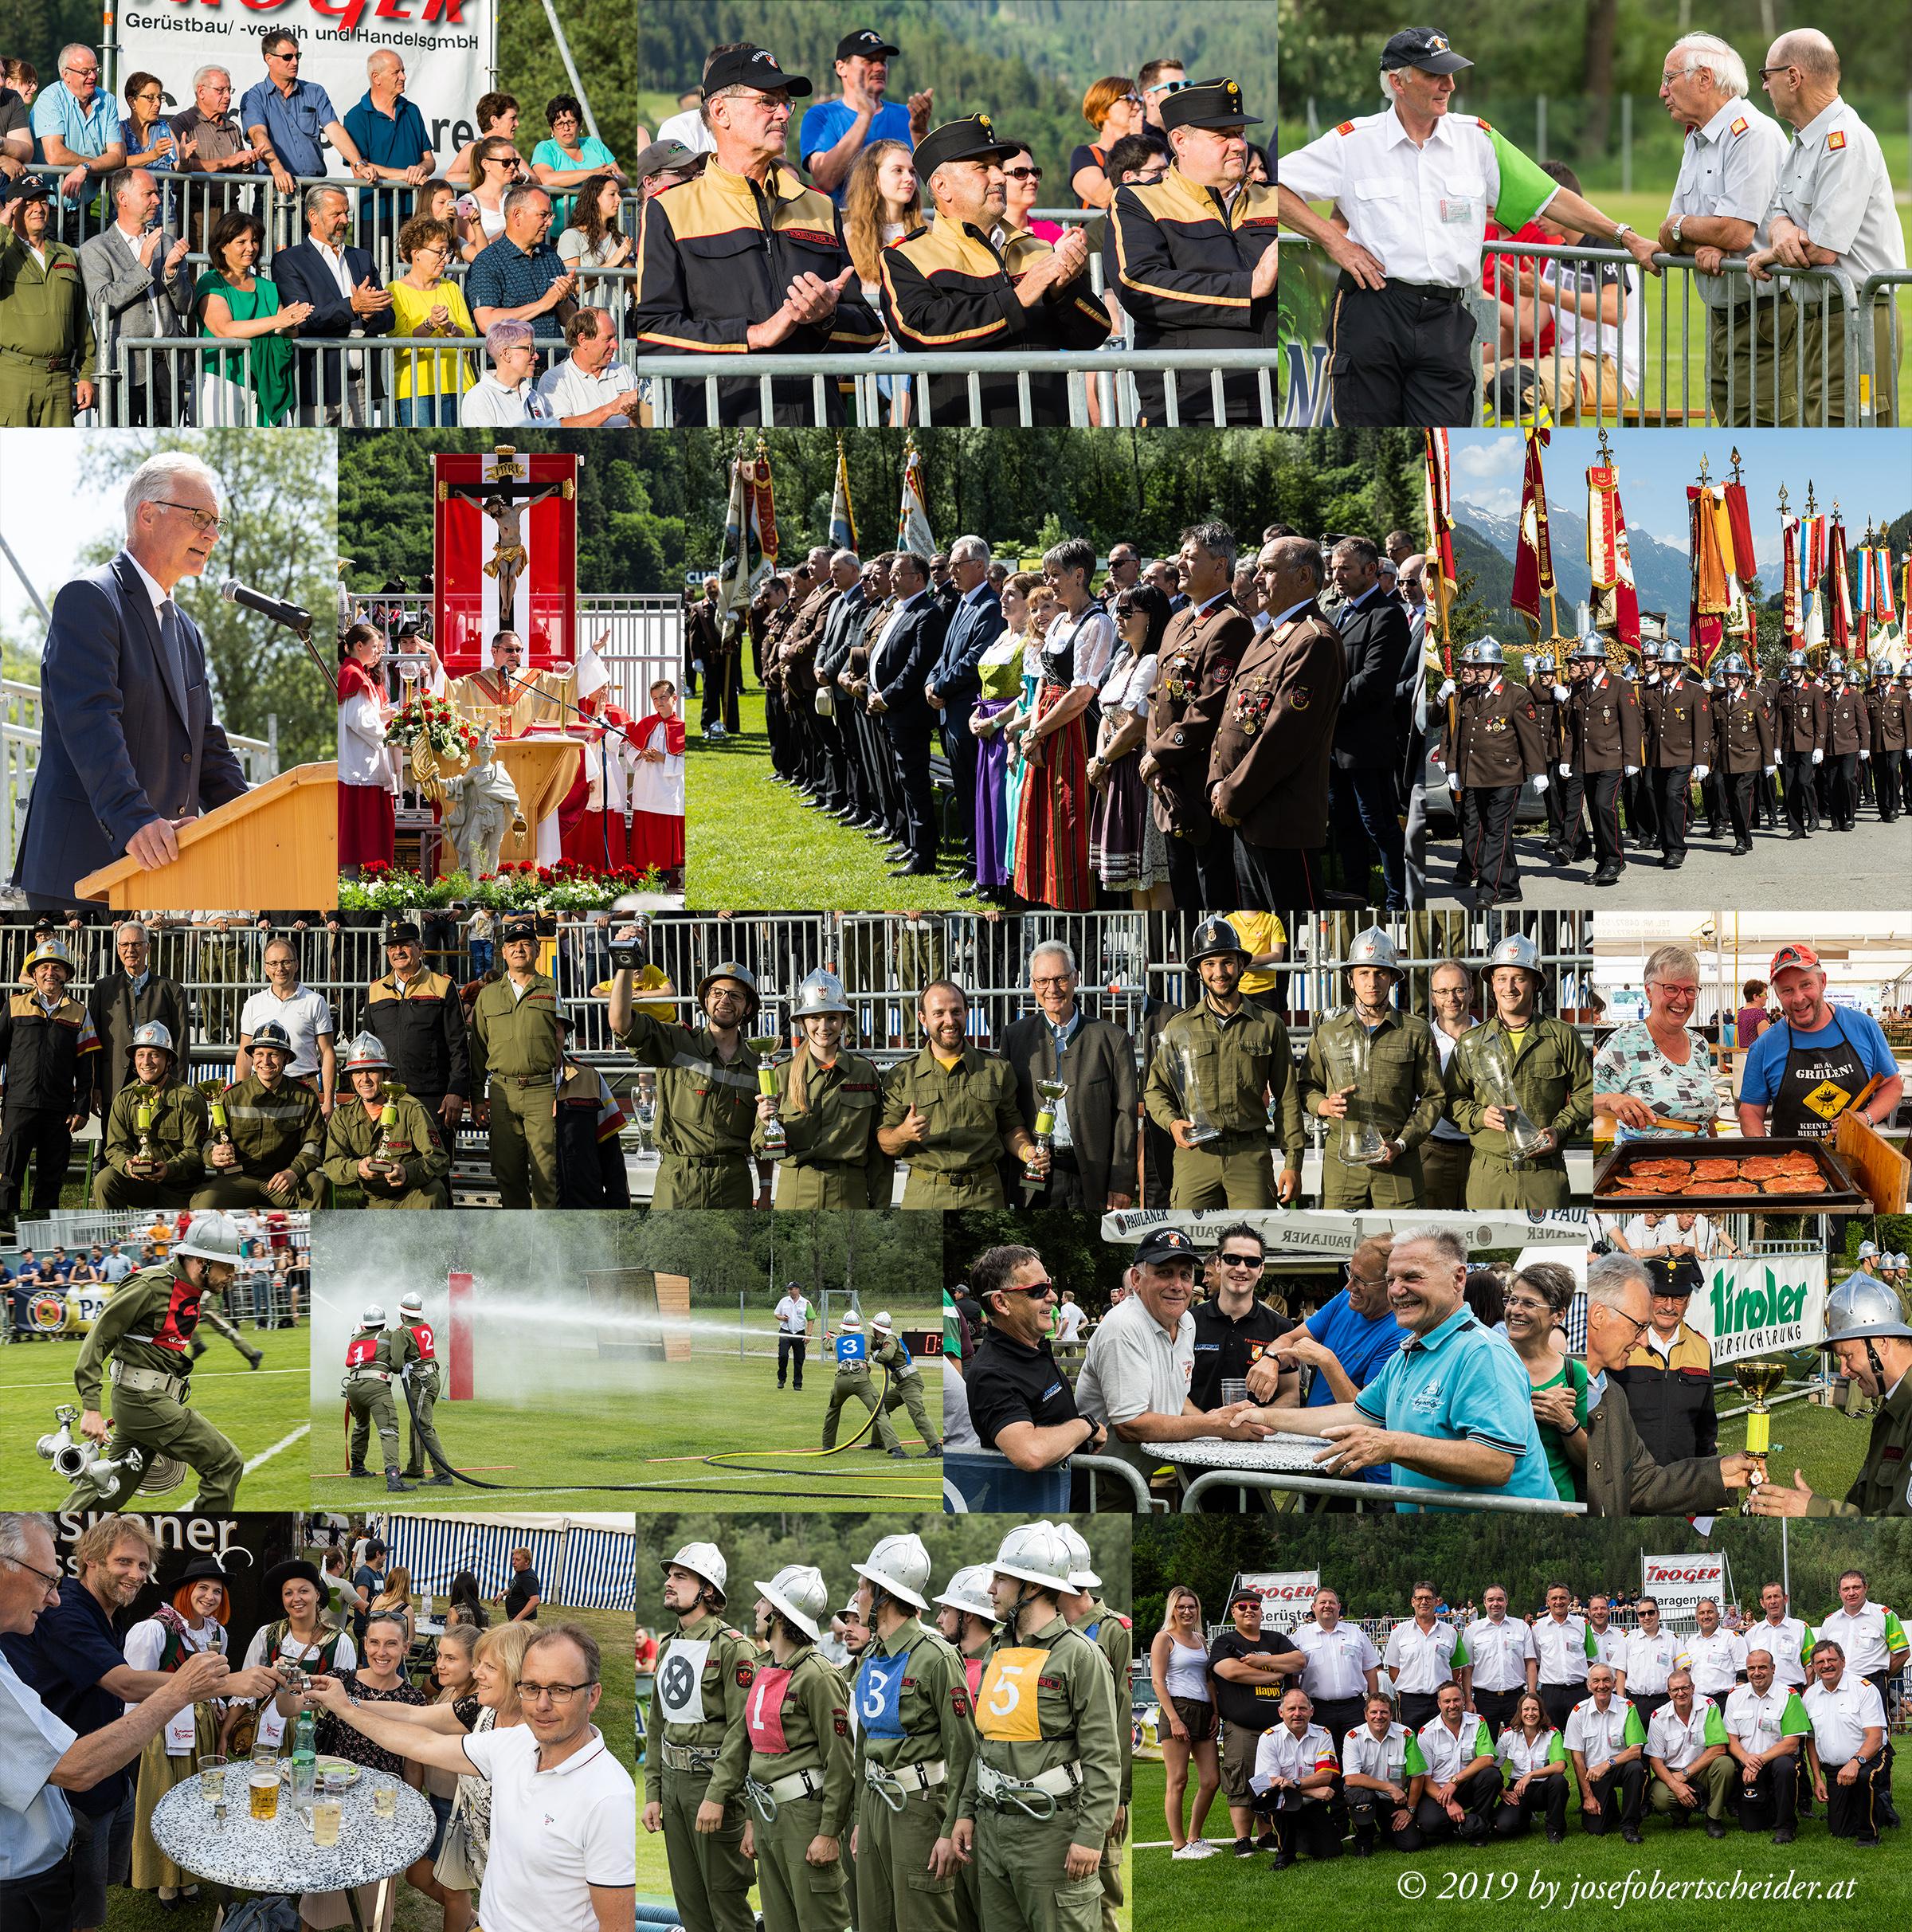 27. Bezirksfeuerwehrbewerb in Ainet, 127. Bezirksfeuerwehrtag 2019 in Ainet, Jubiläum 125 Jahre Freiwillige Feuerwehr Ainet